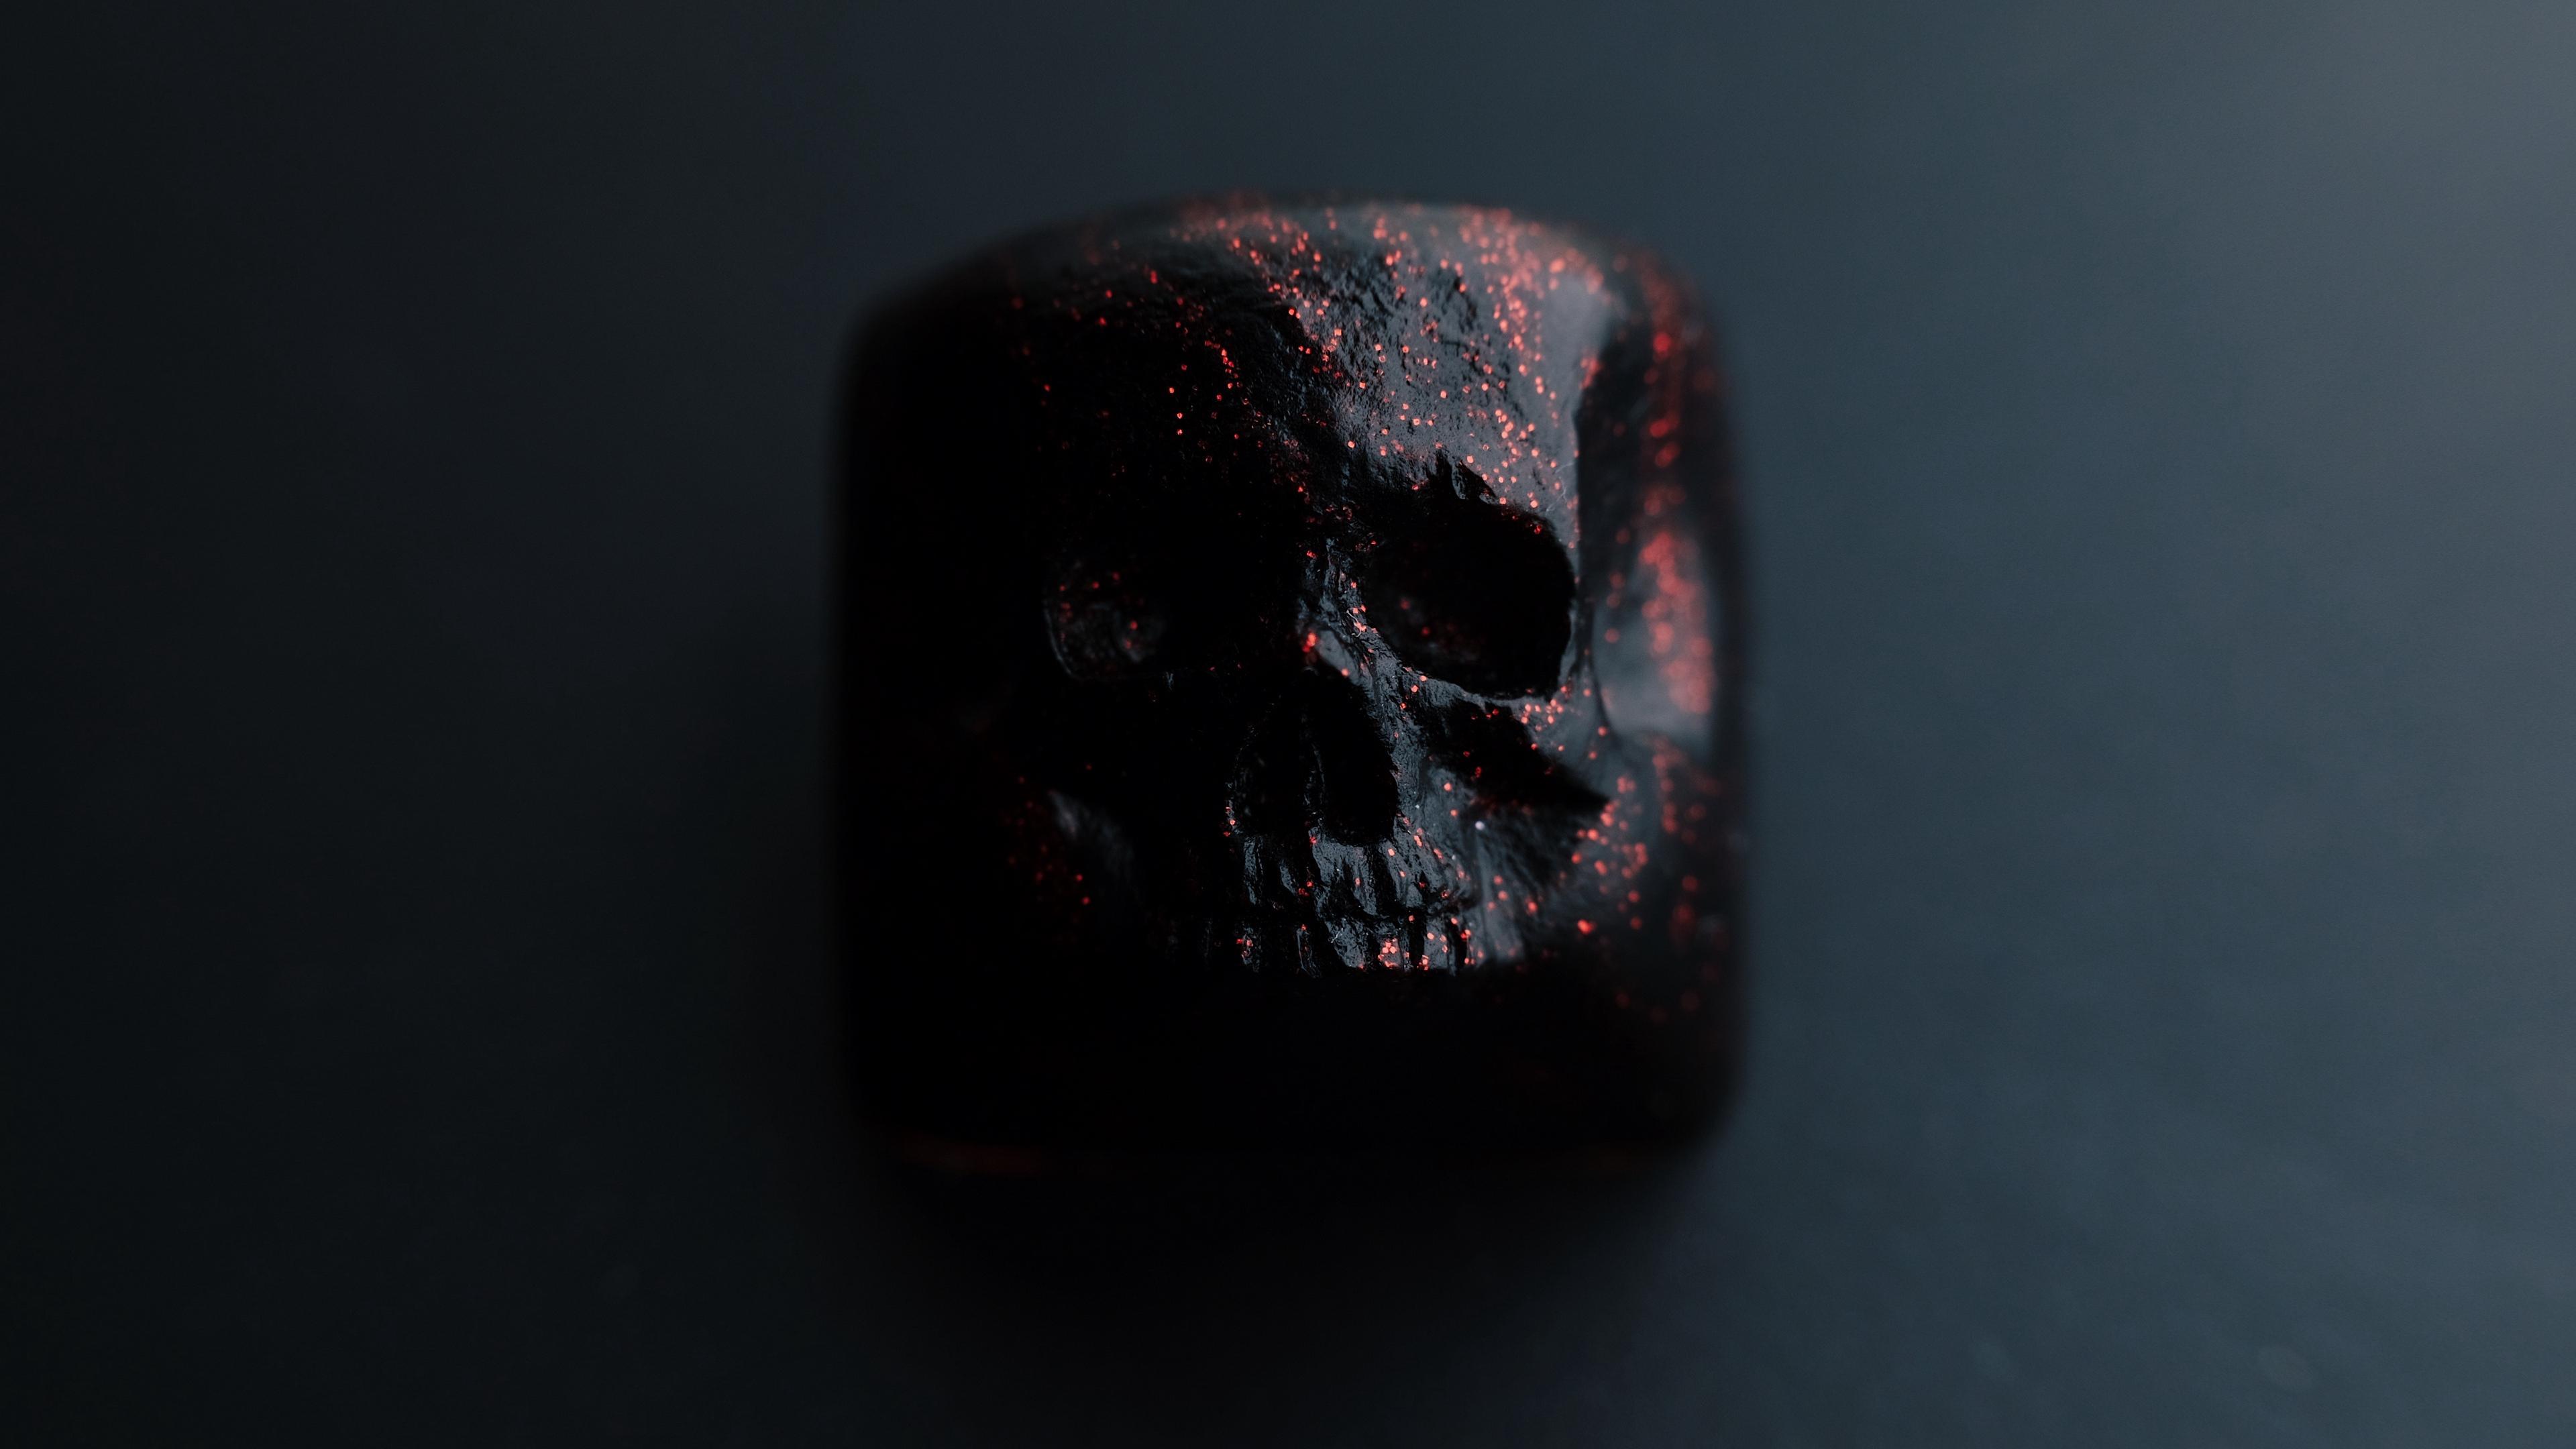 skull sparkles figurine figure 4k 1540574966 - skull, sparkles, figurine, figure 4k - Sparkles, Skull, figurine